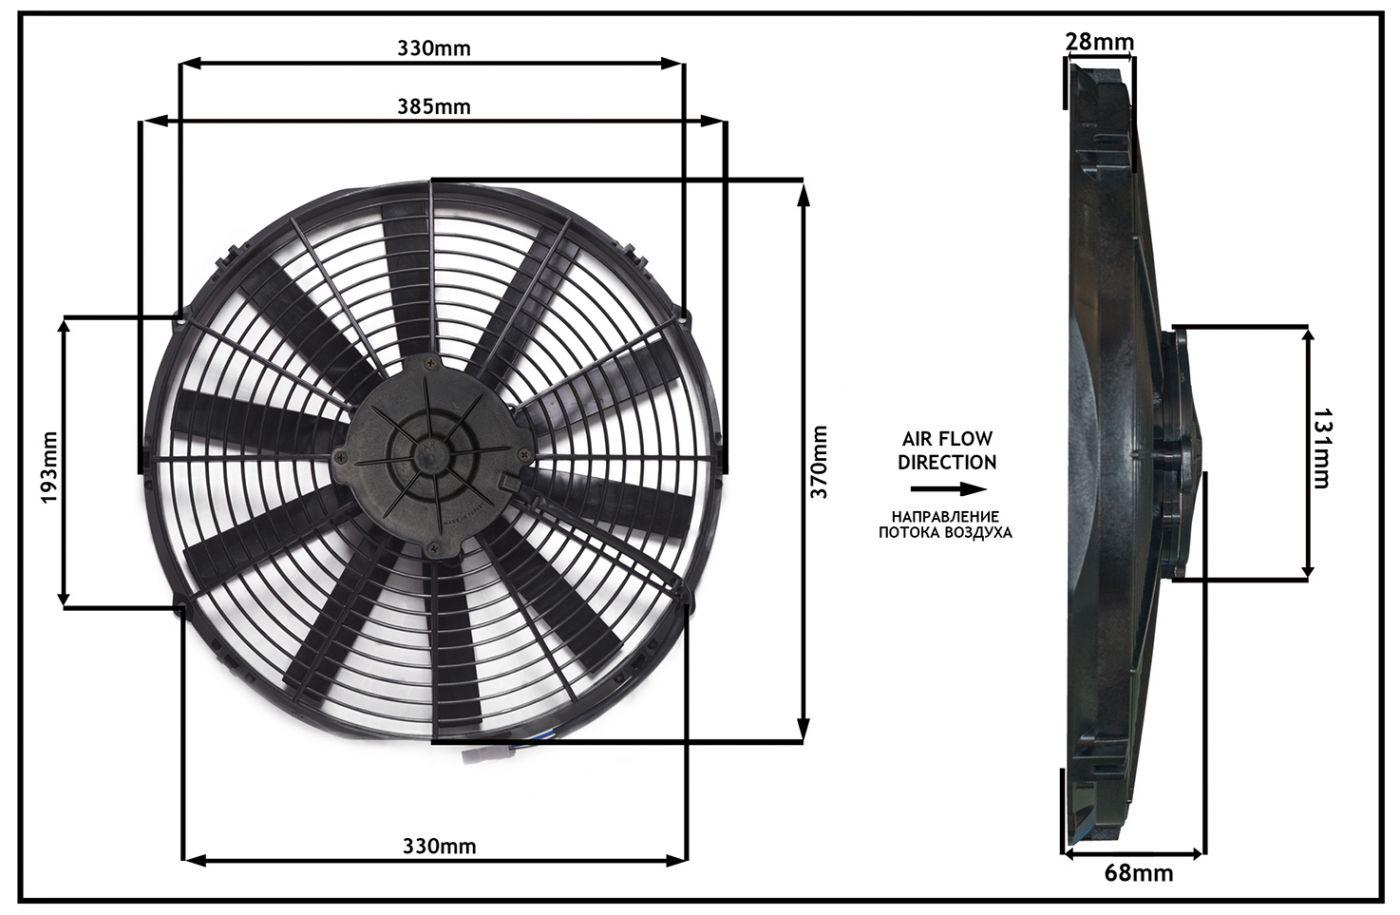 """Осевой вентилятор, 14"""" дюймов, 120W, 24V, Всасывающий (PULL), STR 122"""